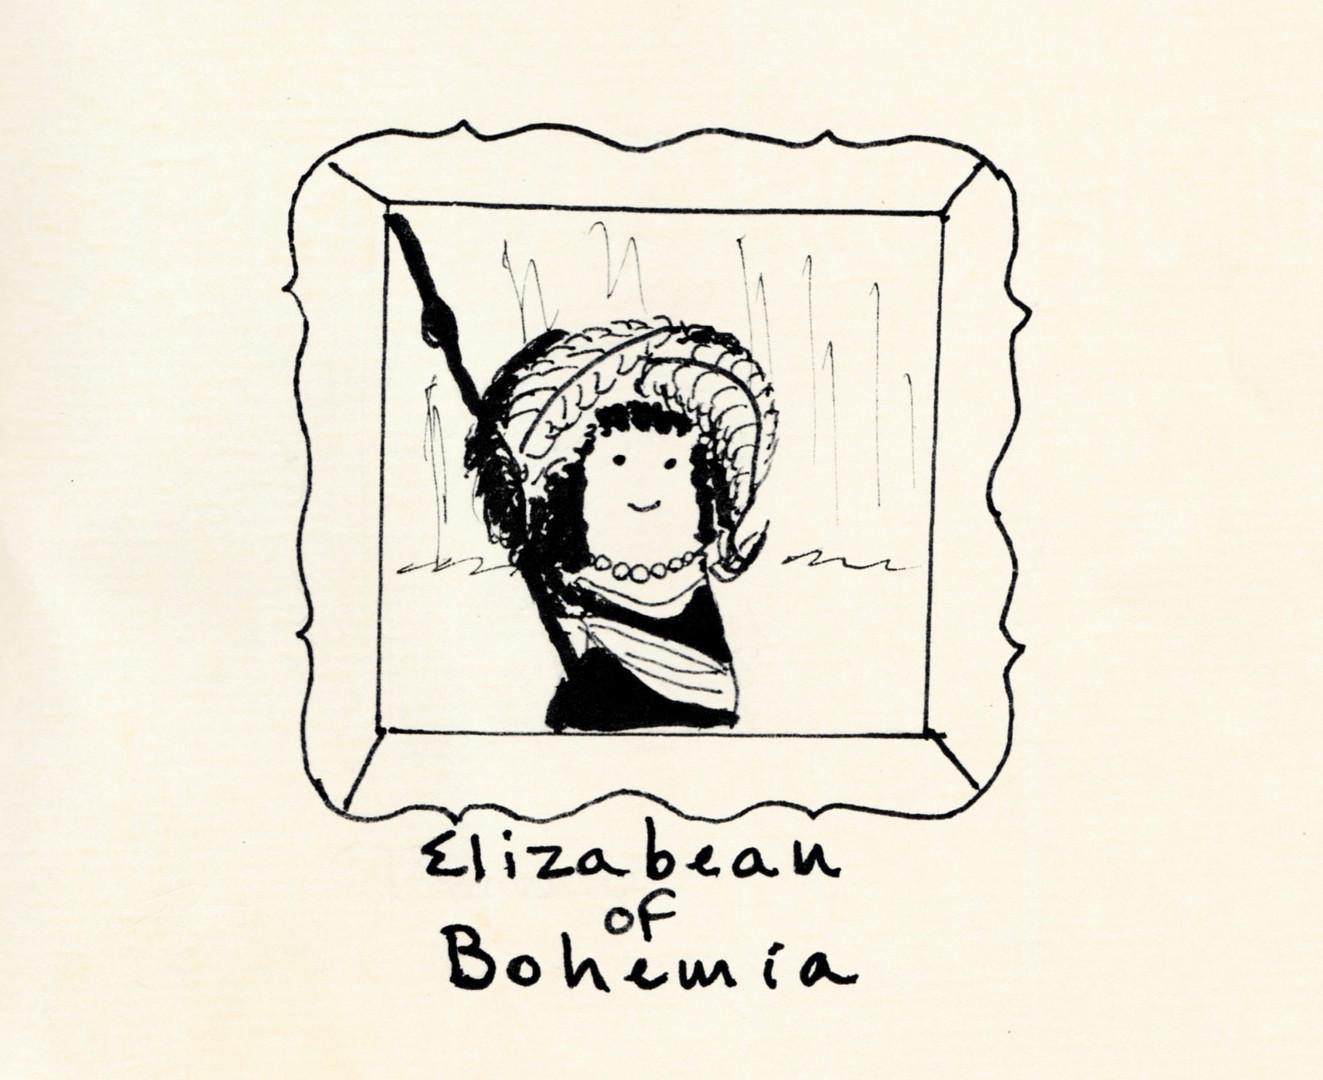 Elizabean of Bohemia.jpg